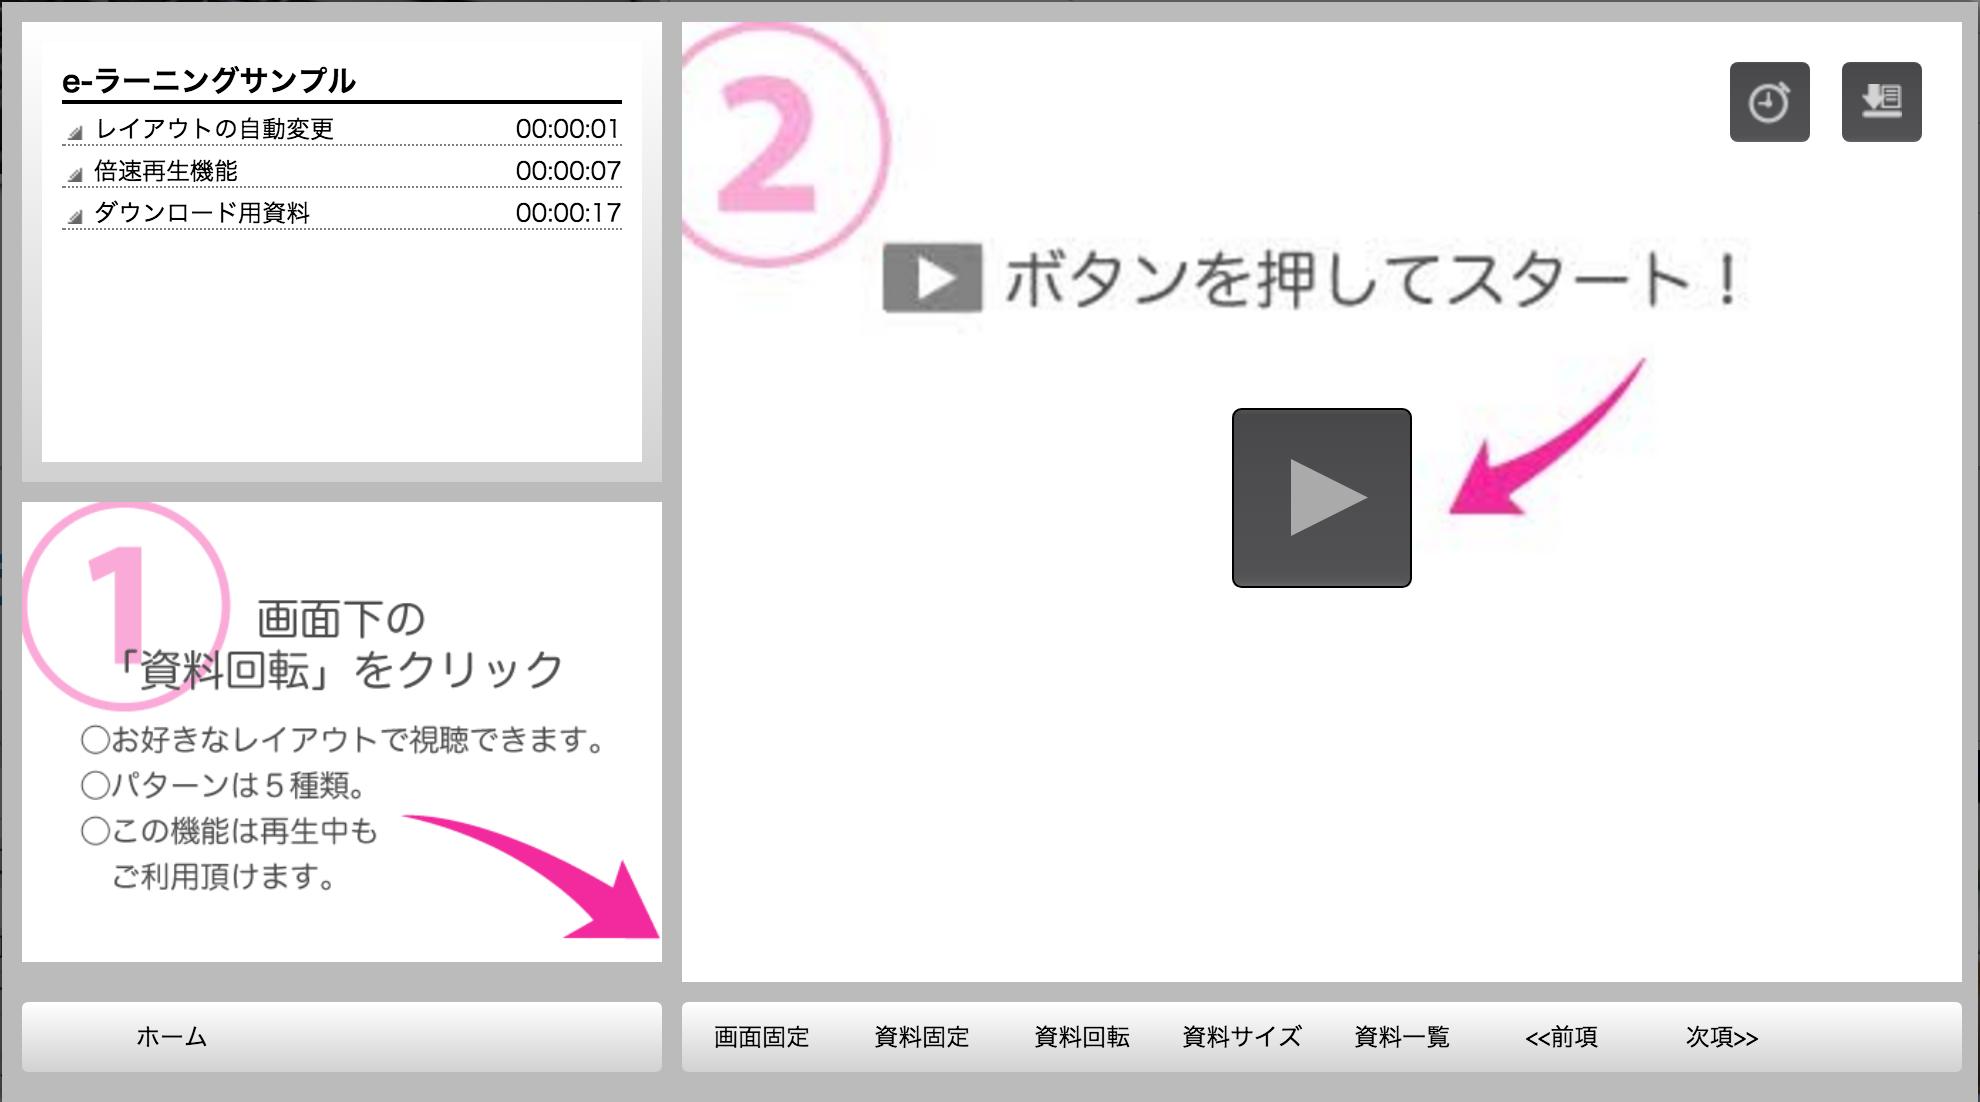 Eラーニングシステムの動画プレーヤーイメージ